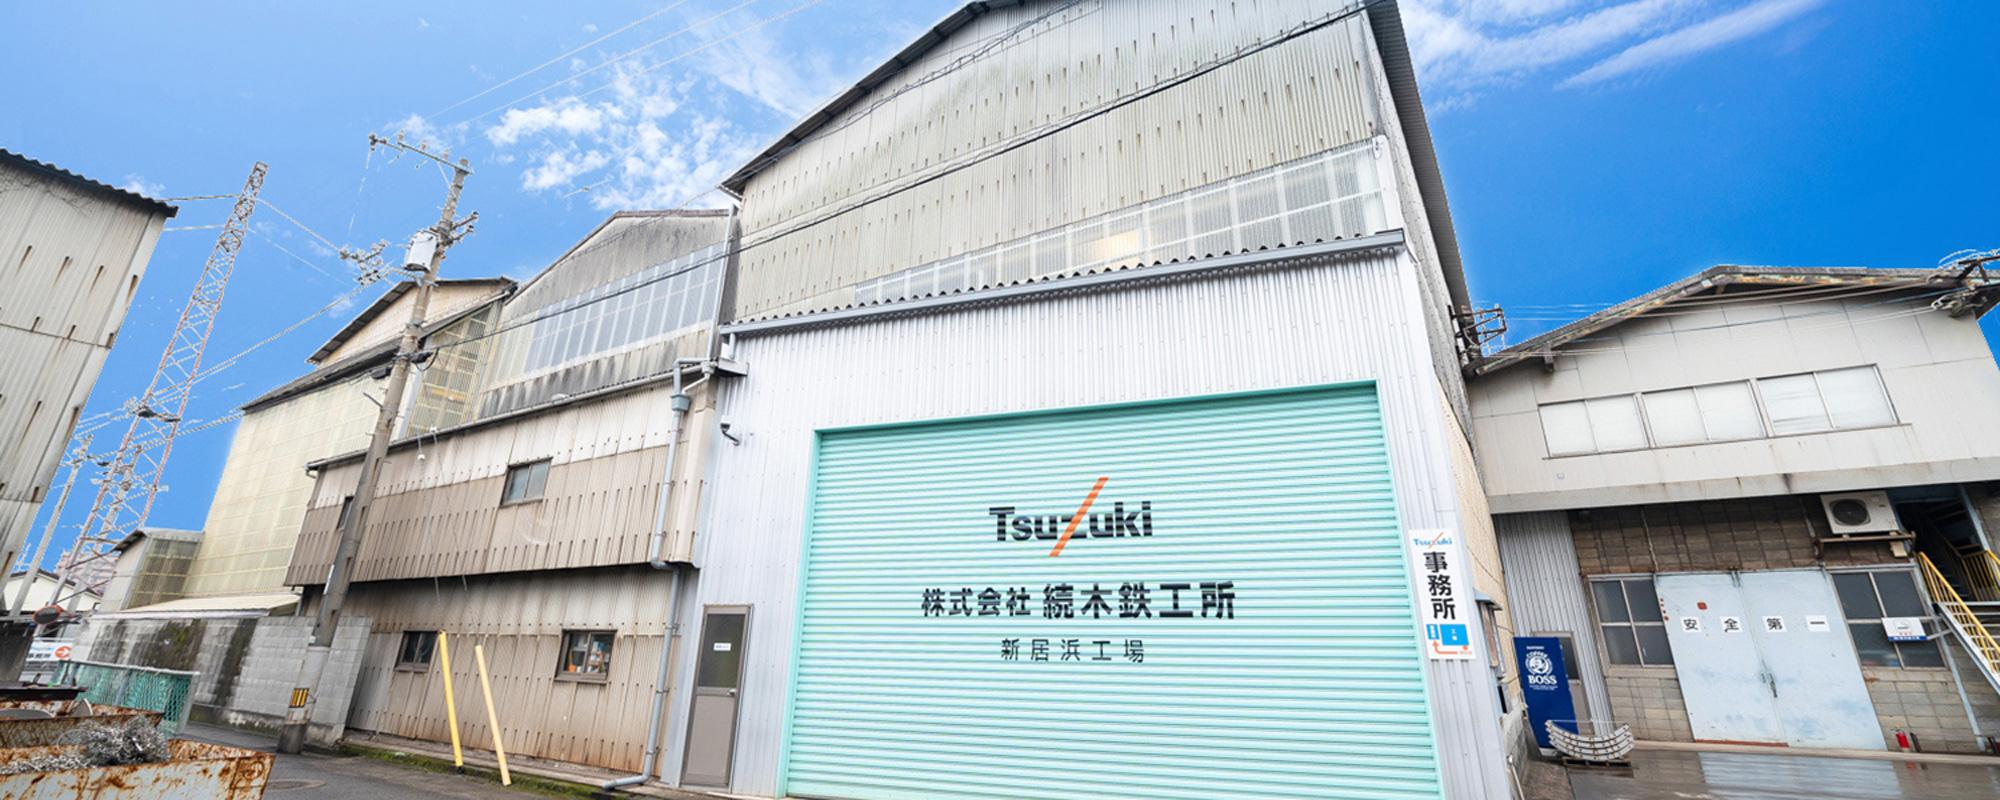 続木鉄工所|新居浜工場